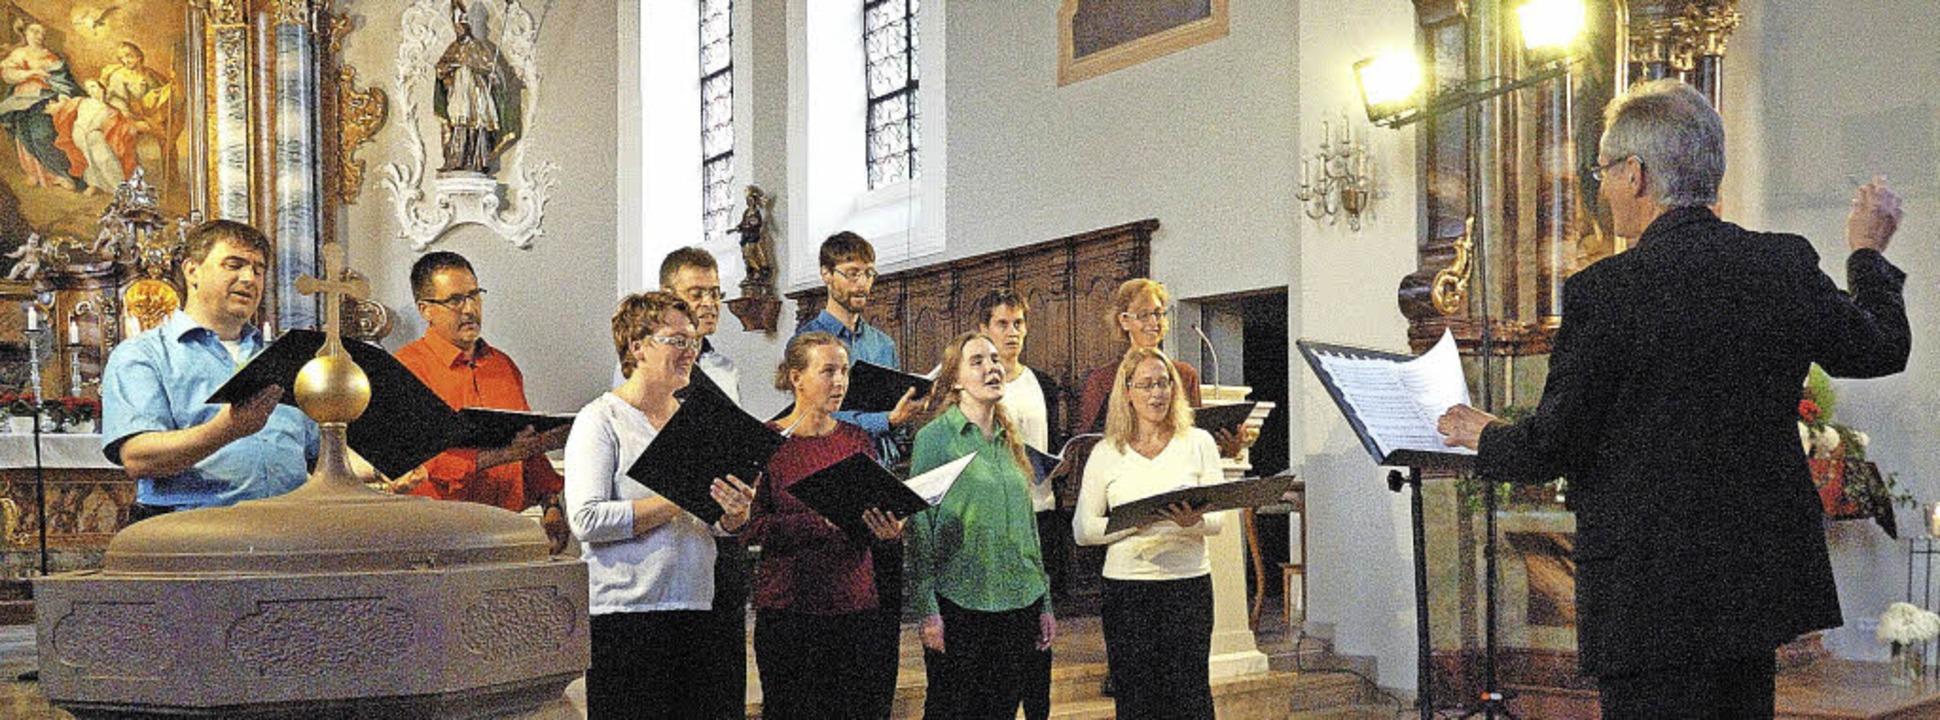 Unter der musikalischen Leitung von Ek...zingen mit seinem Gesang die Besucher.    Foto: Schweizer